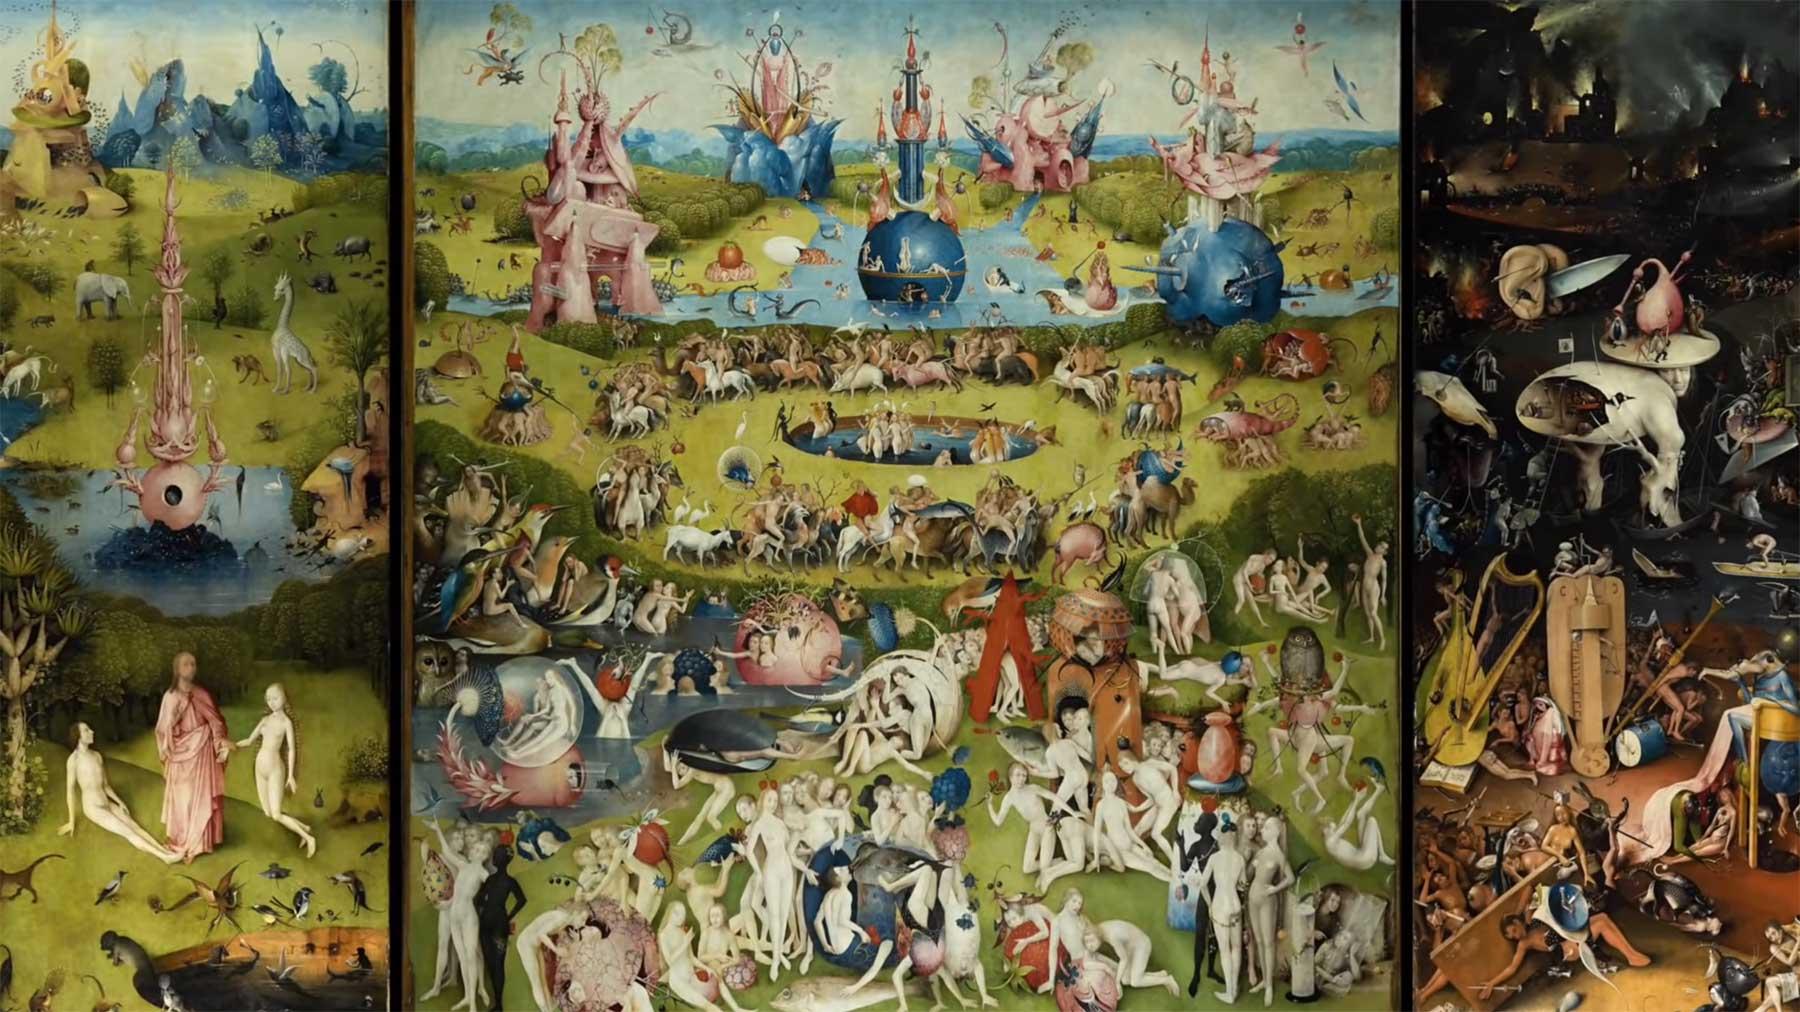 """Erklärung des Kunstwerkes """"Der Garten der Lüste"""" von Hieronymus Bosch hieronymus-bosch-der-garten-der-lueste-erklaerung"""